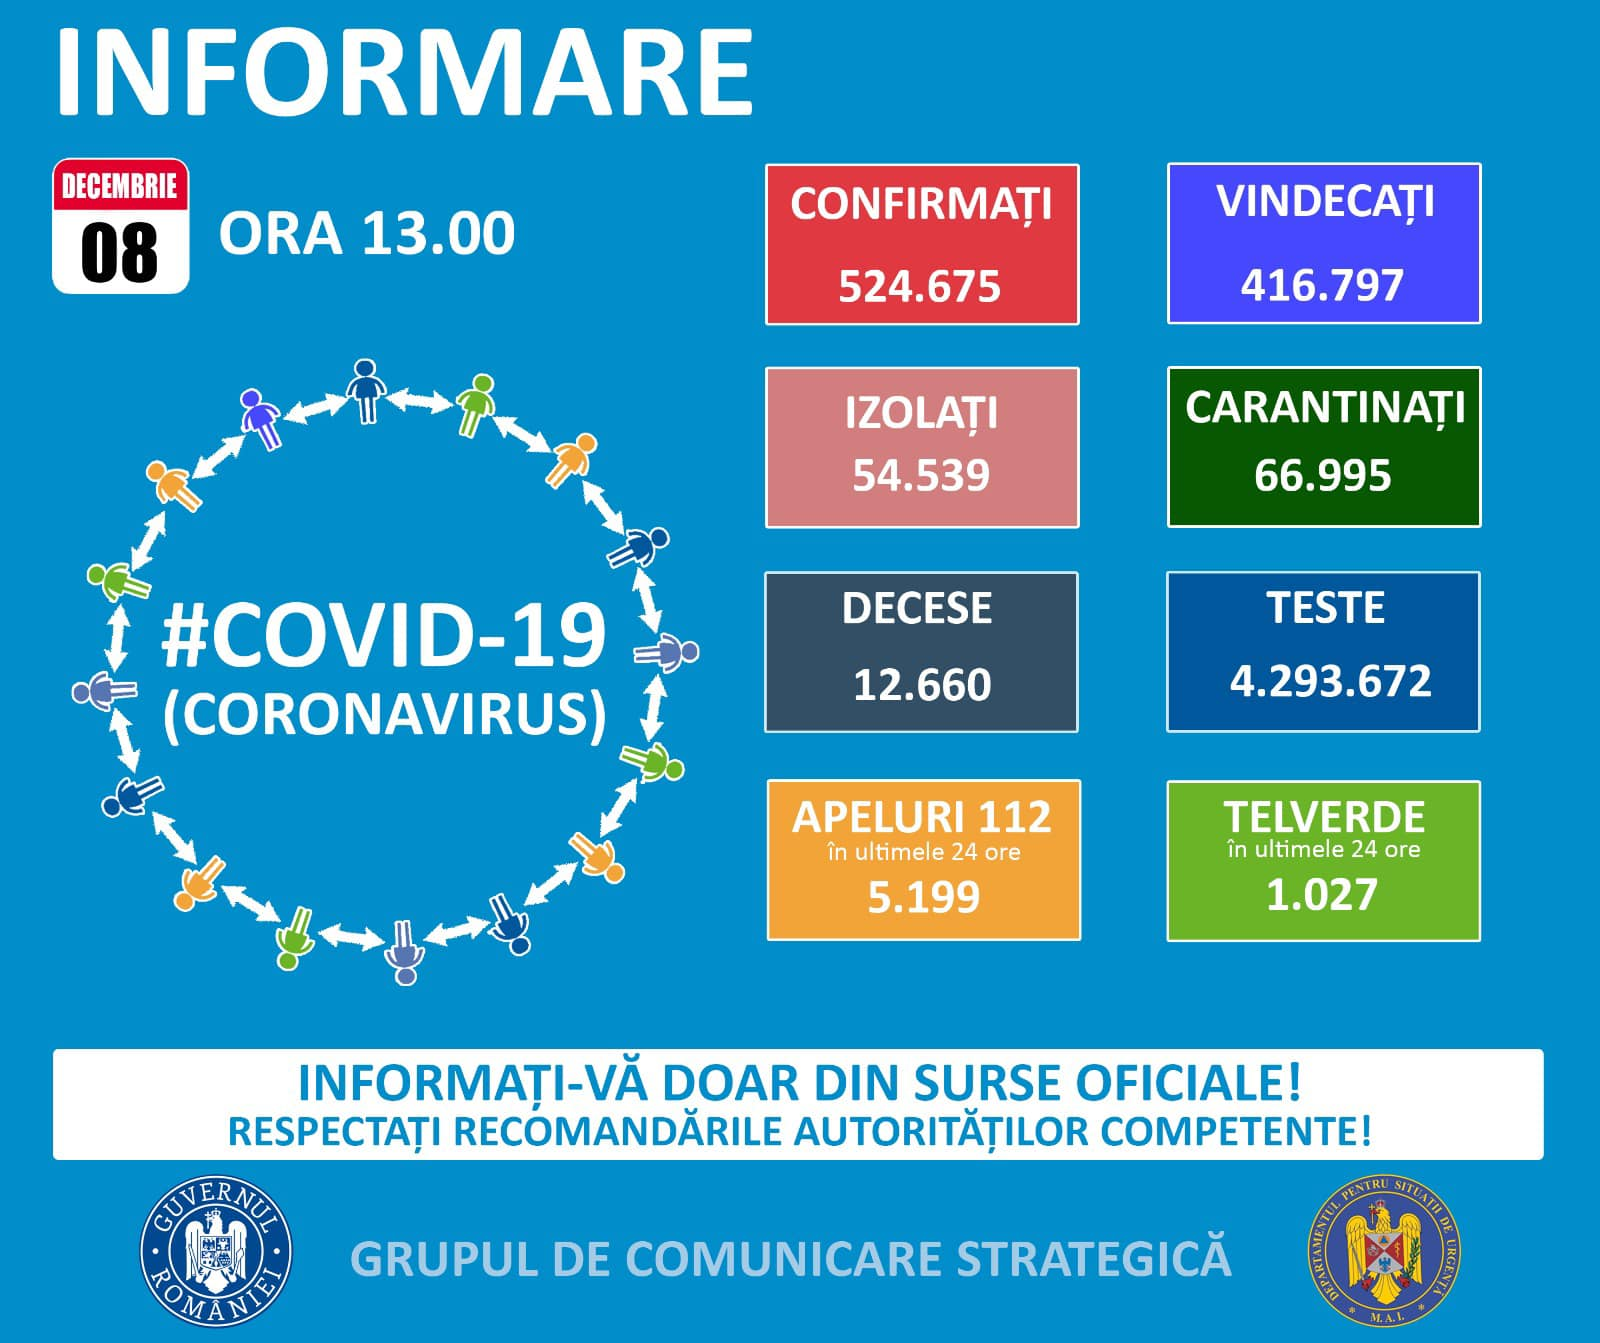 COVID-19 în Oltenia: situația epidemiologică la data de 4 decembrie 2020